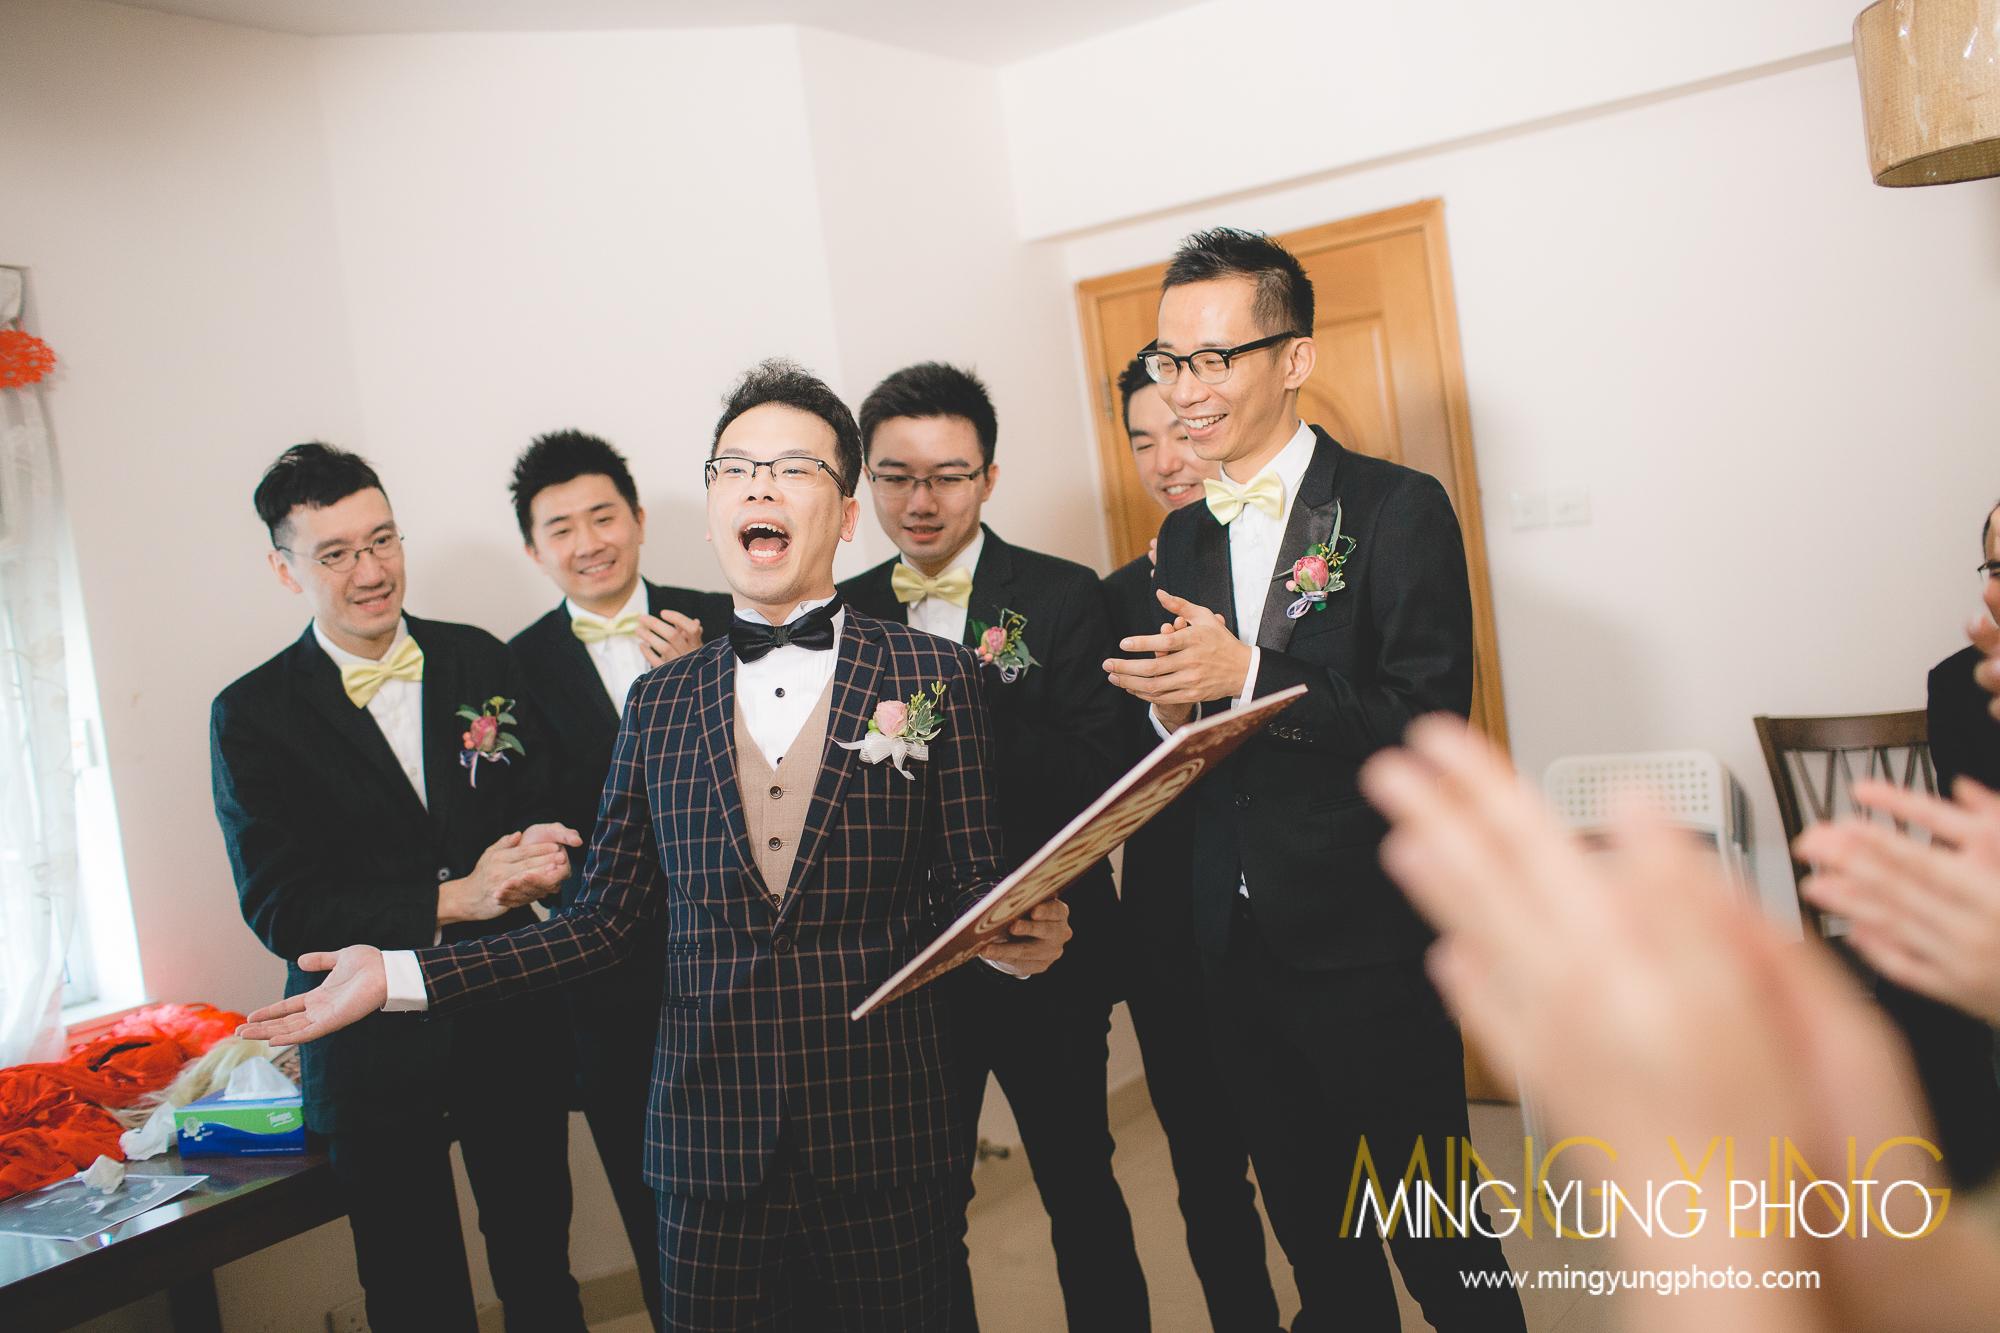 mingyungphoto-201606240011